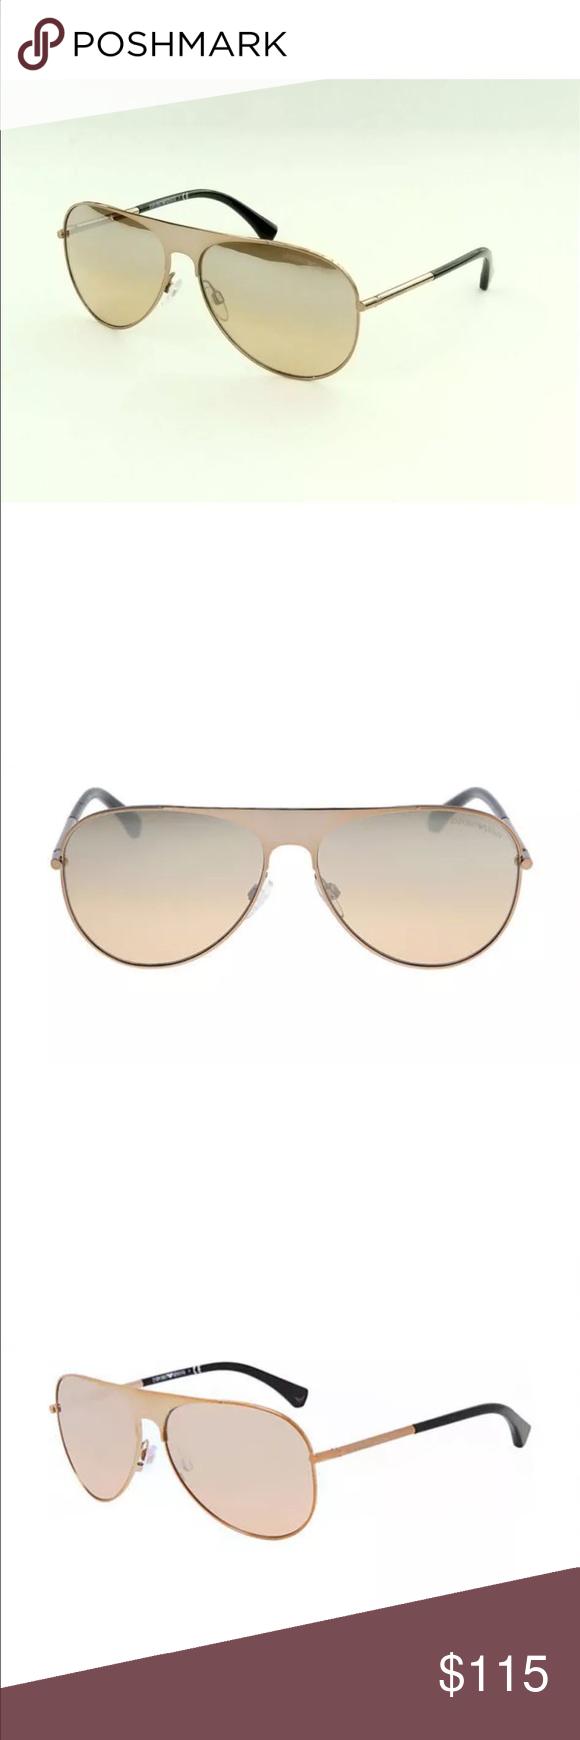 493a38eb0ff EMPORIO ARMANI EA 2003 301195 Gold Sunglasses STYLE  EMPORIO ARMANI EA 2003  301195 COLOR